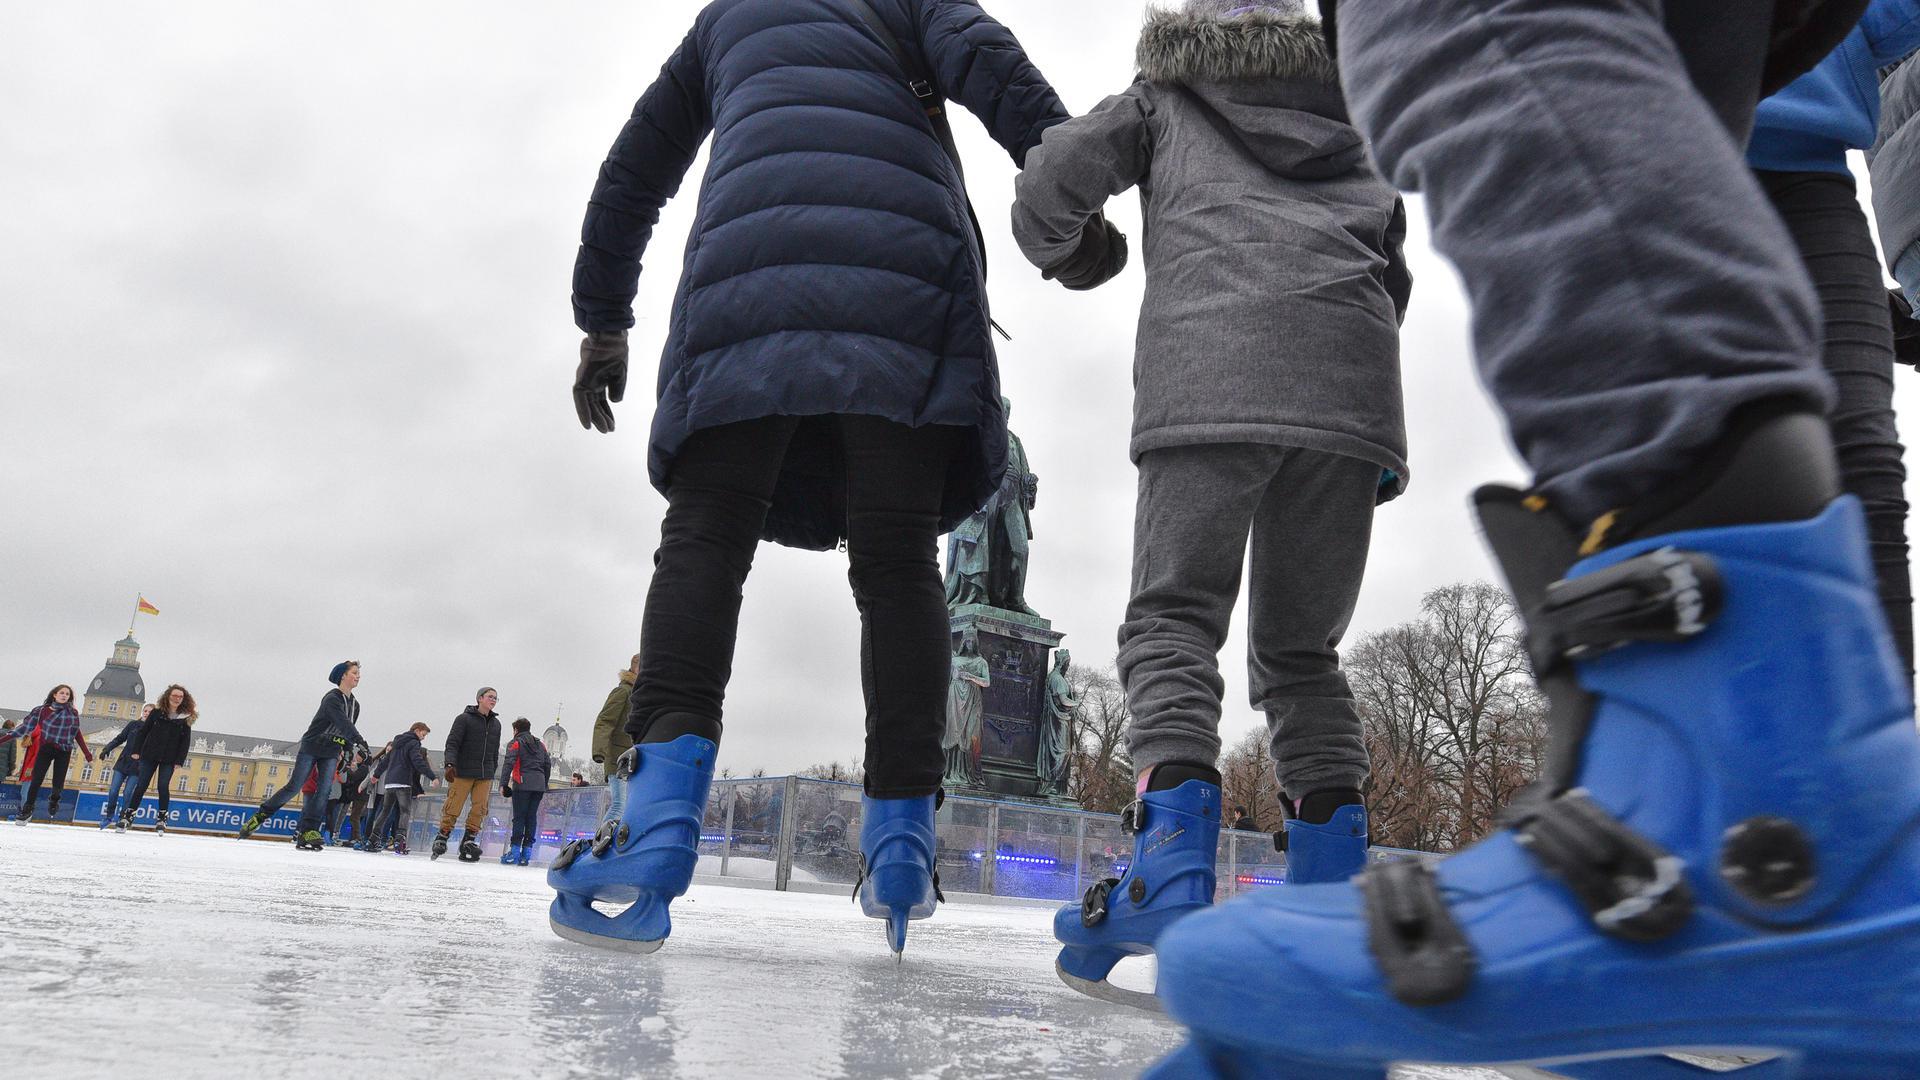 21.12.2017 Donnerstag Mittag Betrieb auf der Eiszeitanlage